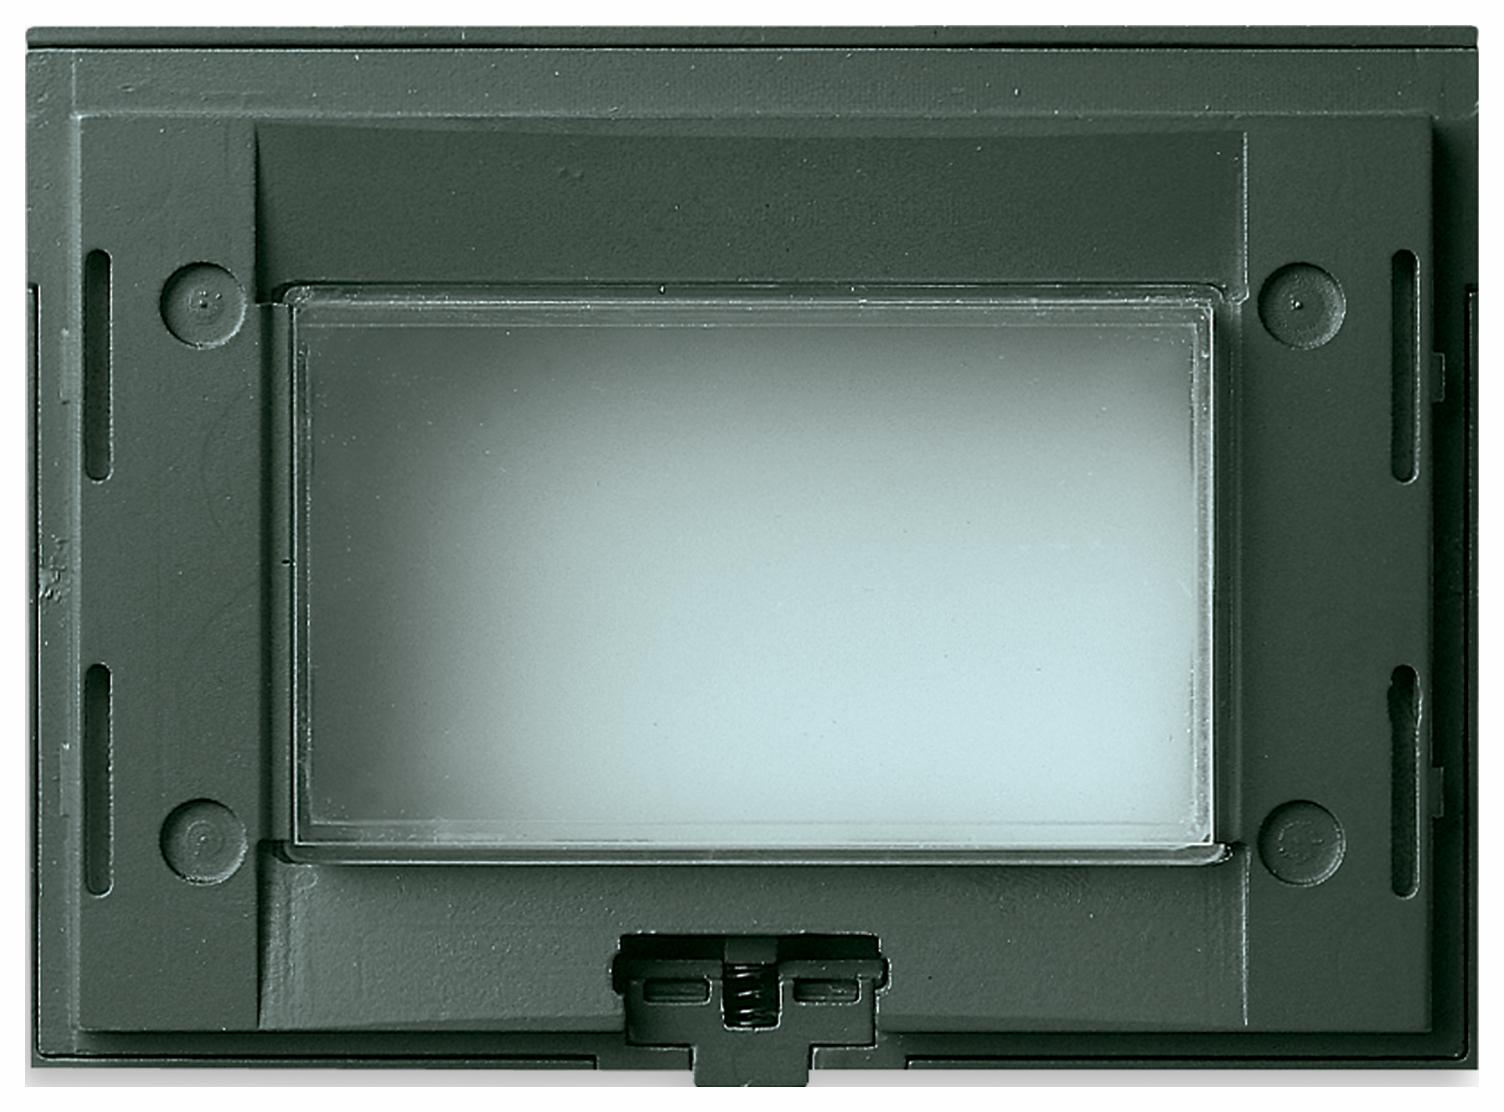 Supporti speciali supporto ip55 3m grigio 16813 q - Prese elettriche da esterno ...